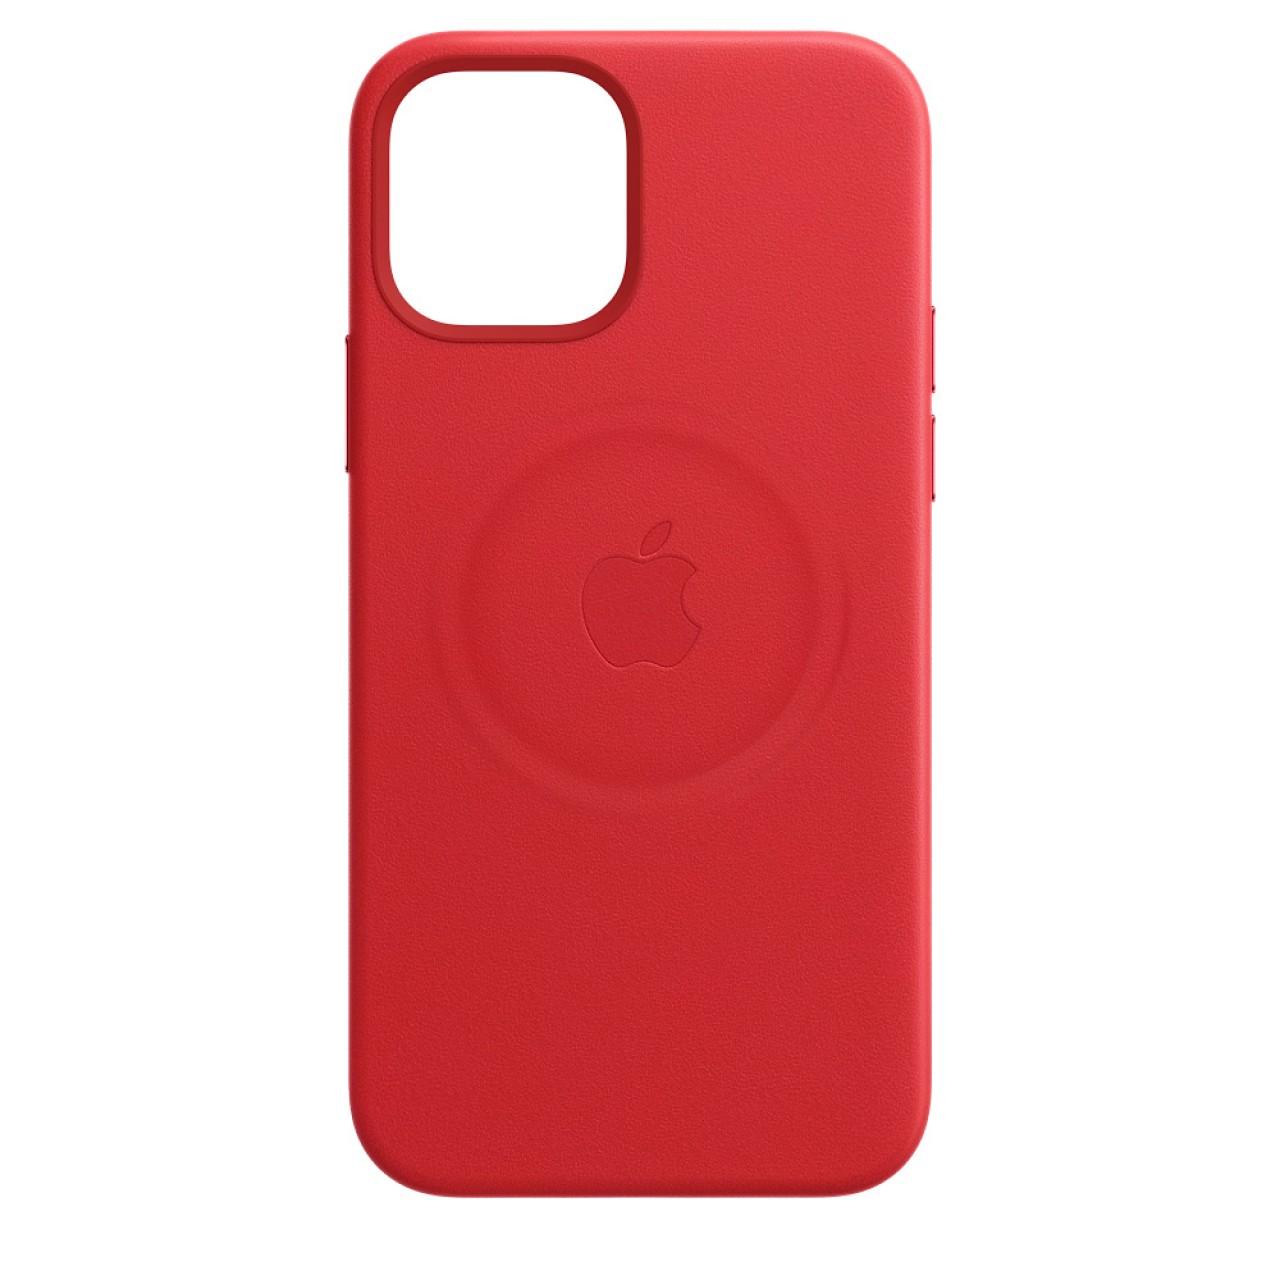 ΔΕΡΜΑΤΙΝΗ ΘΗΚΗ ΠΡΟΣΤΑΣΙΑΣ ΜΕ MAGSAFE ΓΙΑ IPHONE 12/12 PRO ΚΟΚΚΙΝΗ - LUXURY LEATHER CASE RED - OEM